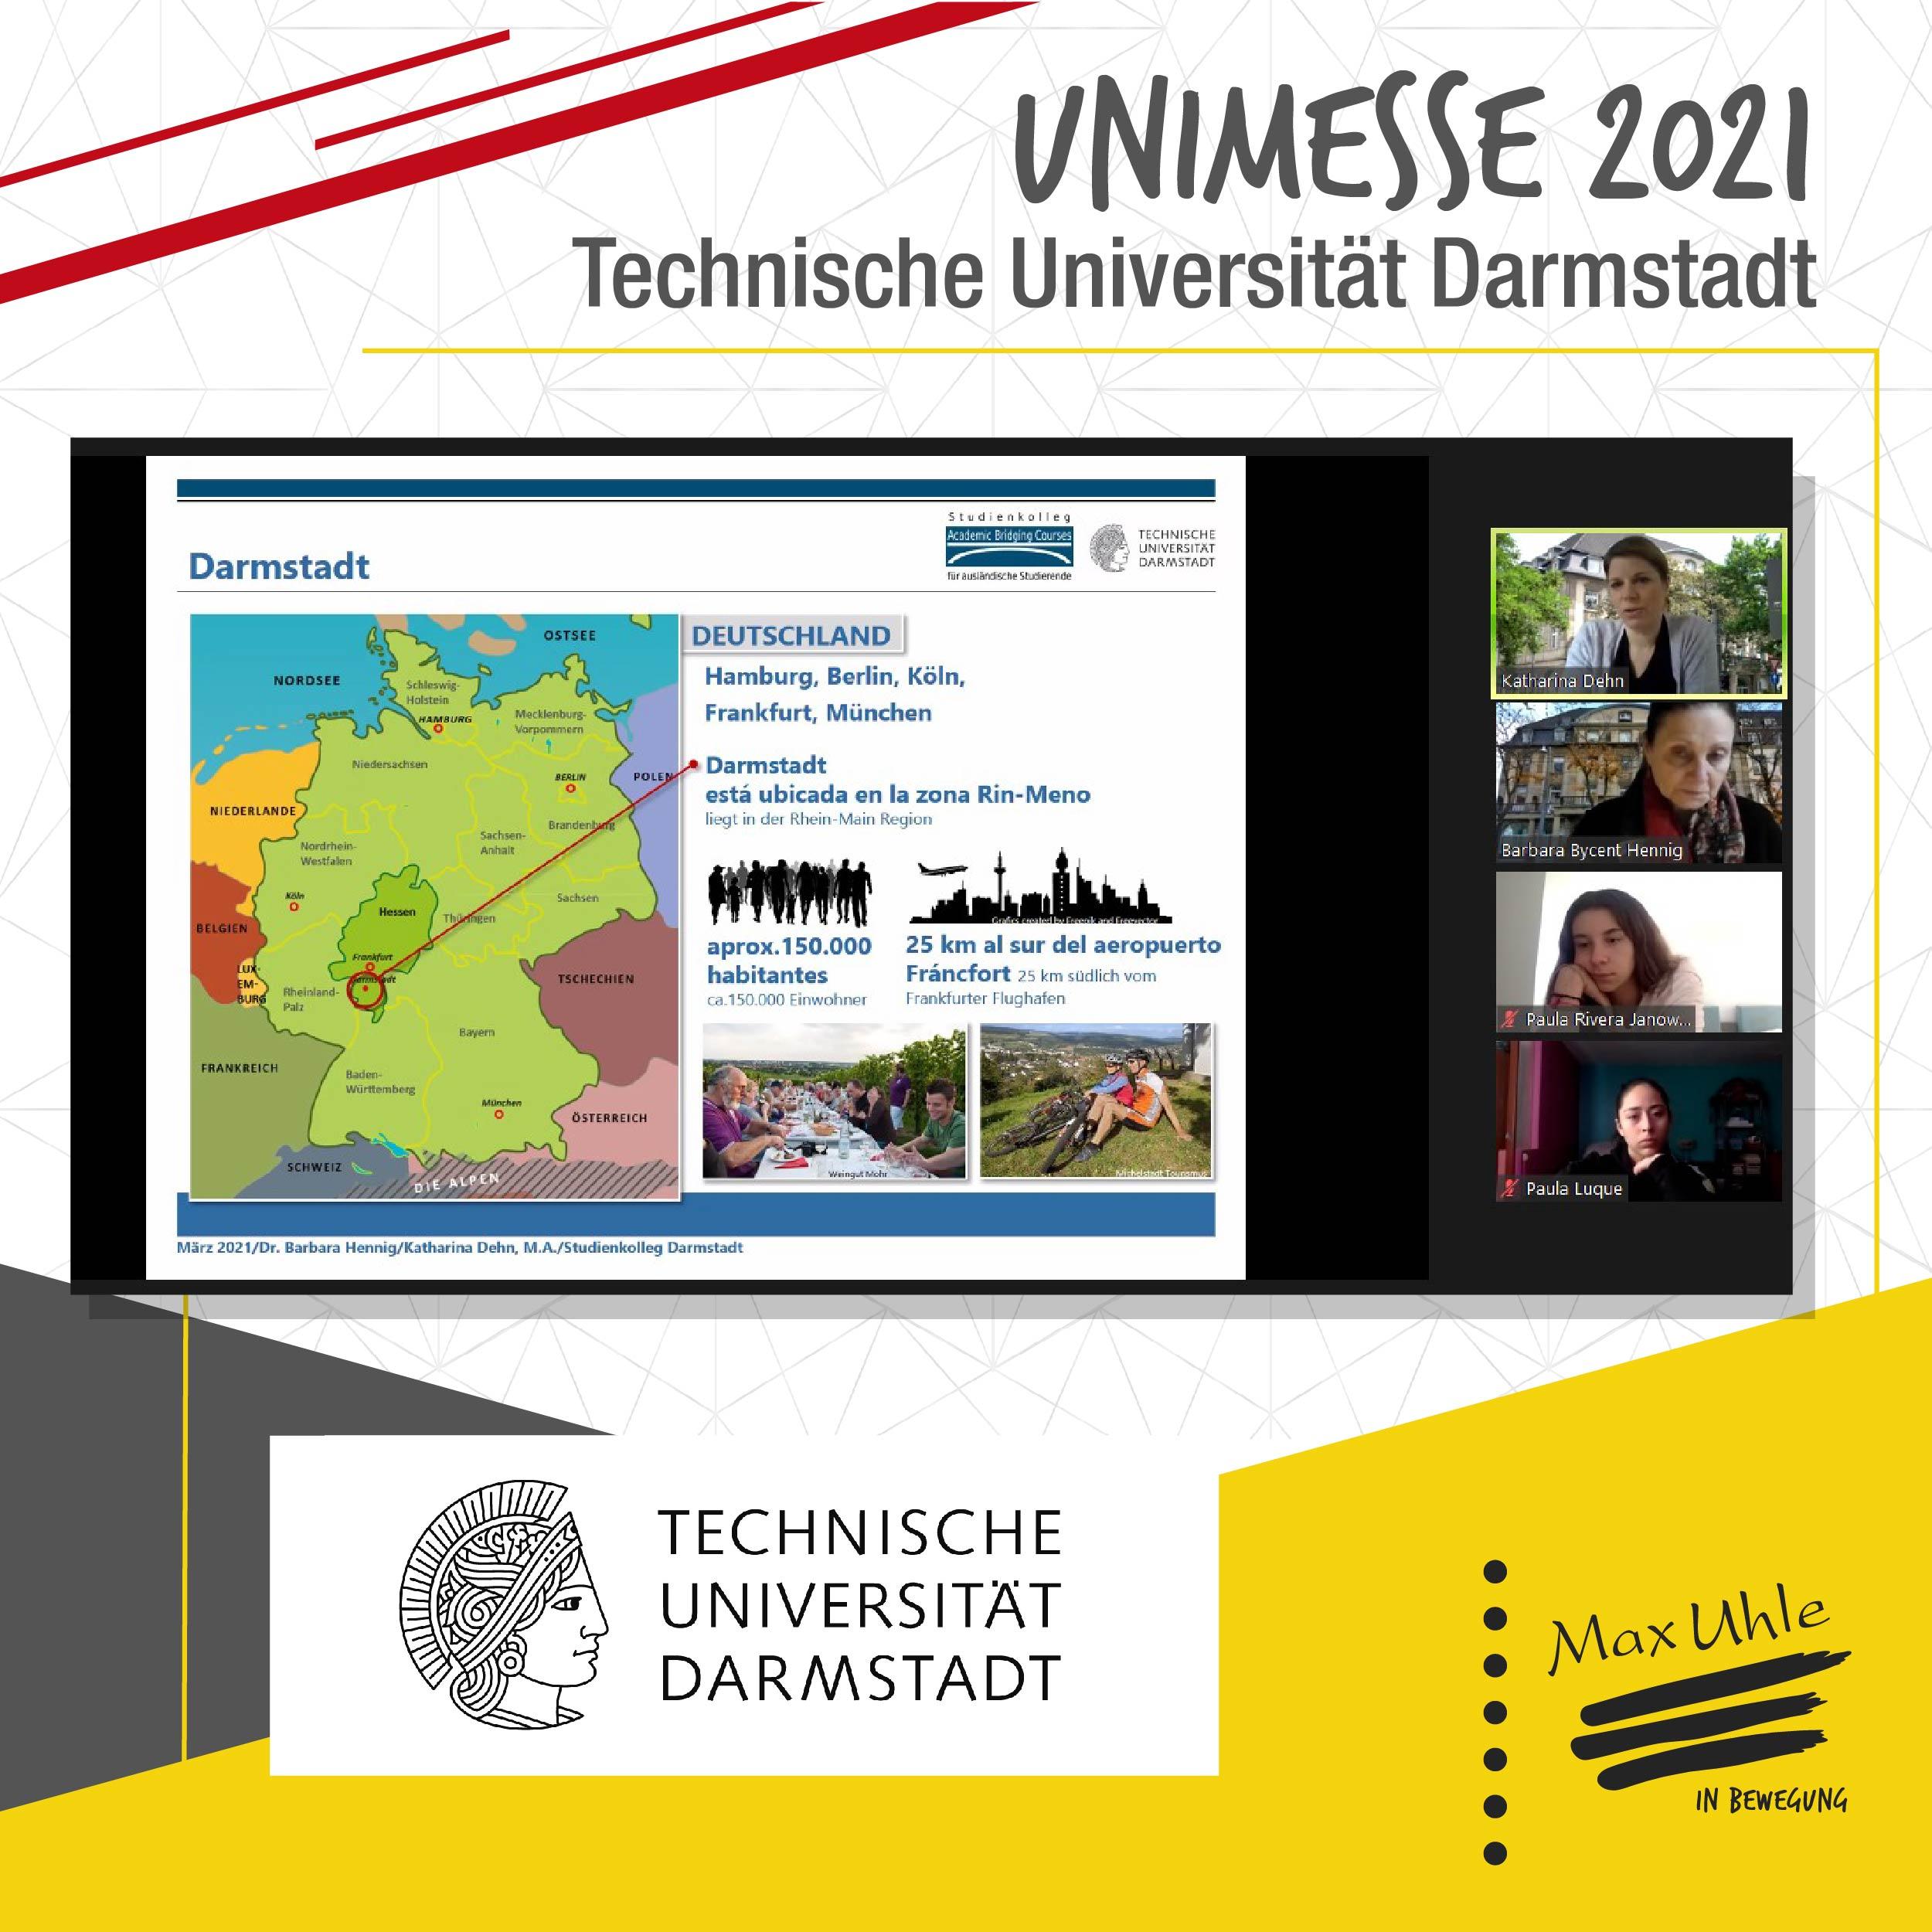 Darmstadt - Unimesse 2021 Colegio Max Uhle